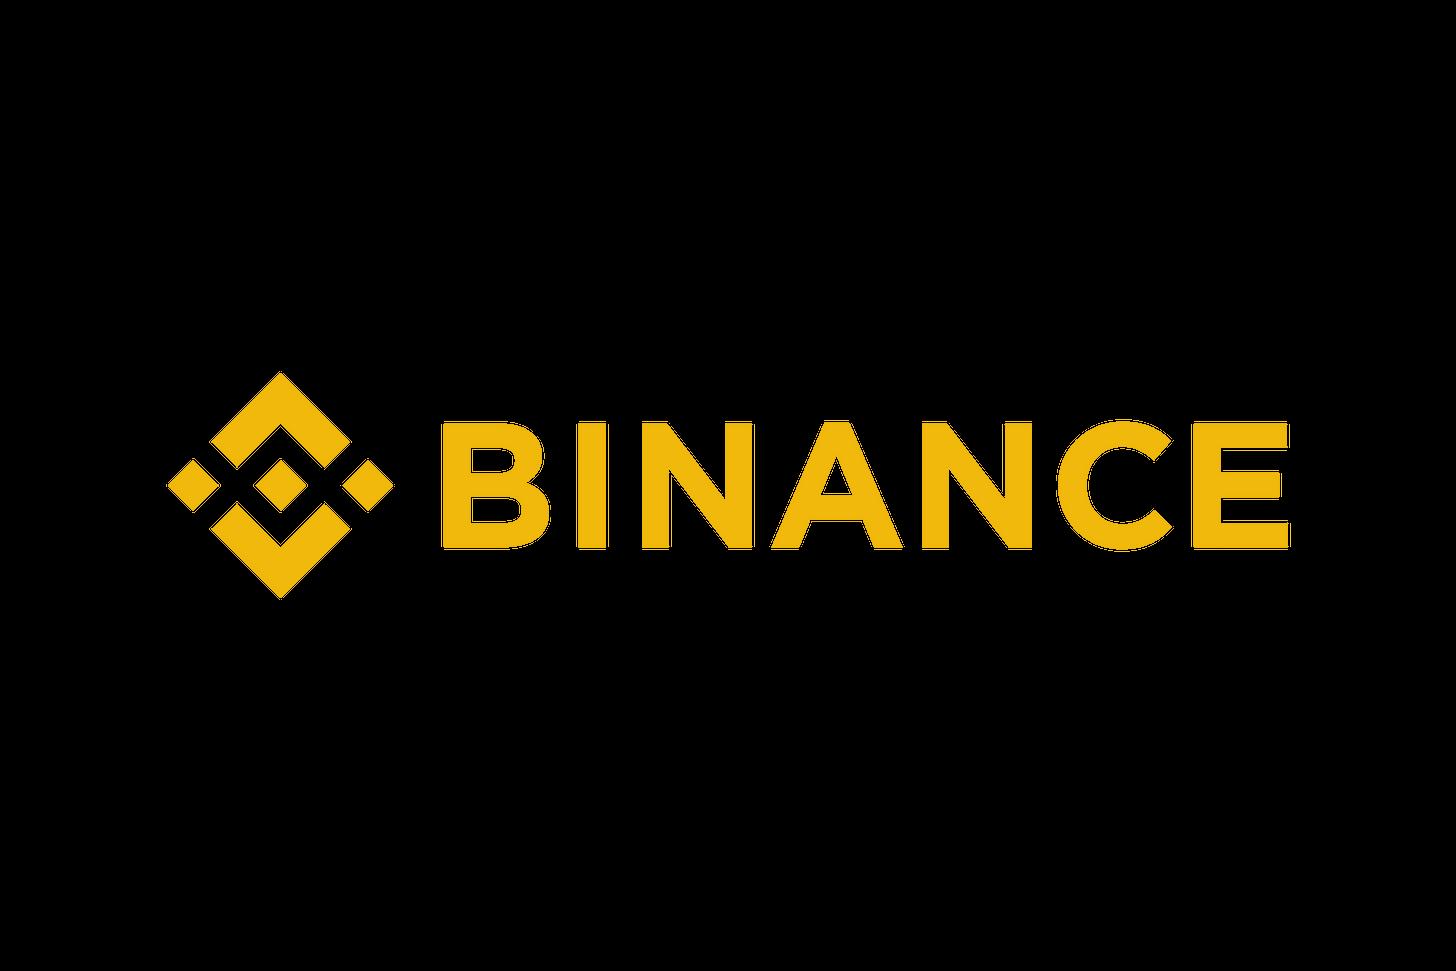 Download Binance Logo in SVG Vector or PNG File Format - Logo.wine